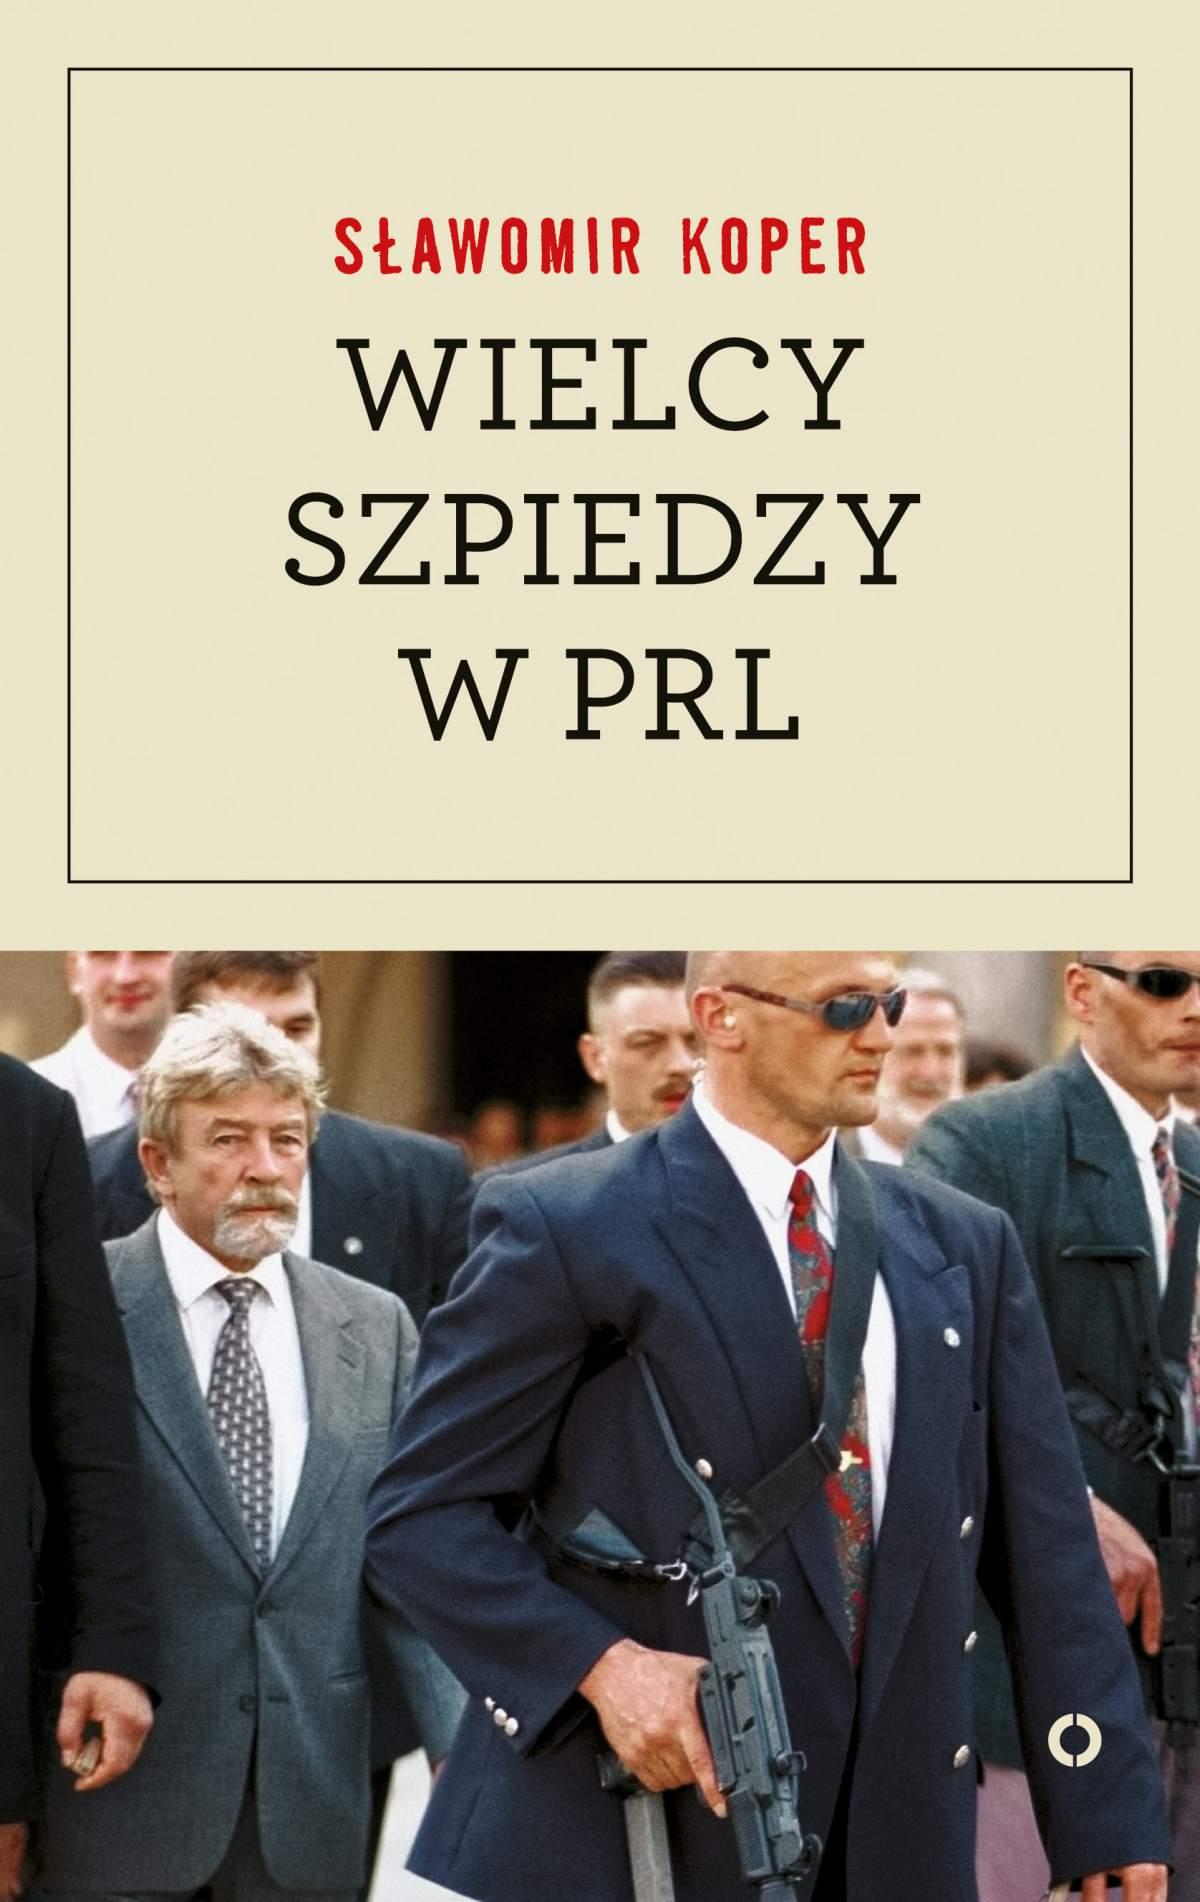 Wielcy szpiedzy w PRL - Ebook (Książka na Kindle) do pobrania w formacie MOBI